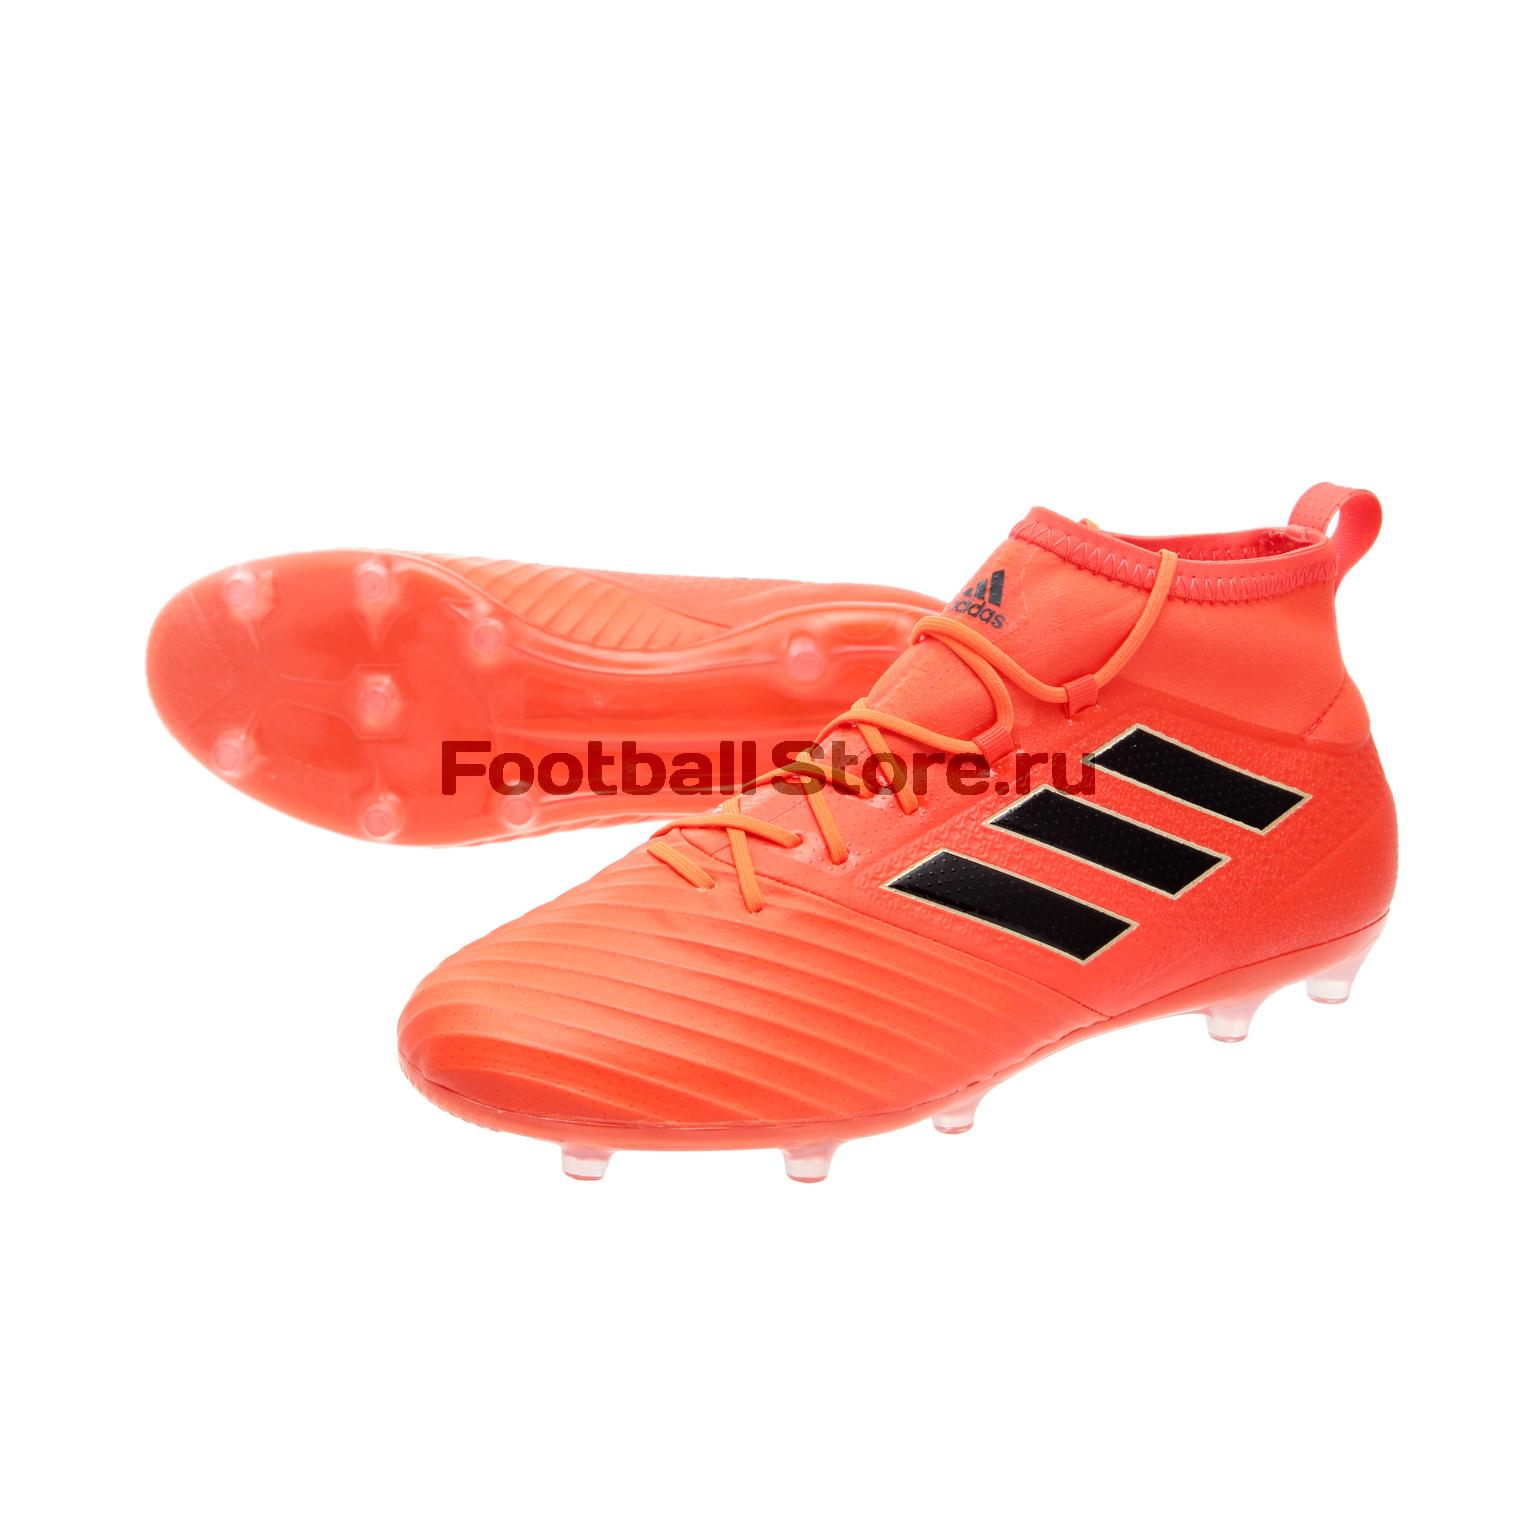 Бутсы Adidas Ace 17.2 FG BY2190 сандалии ash р 37 eu 36 ru